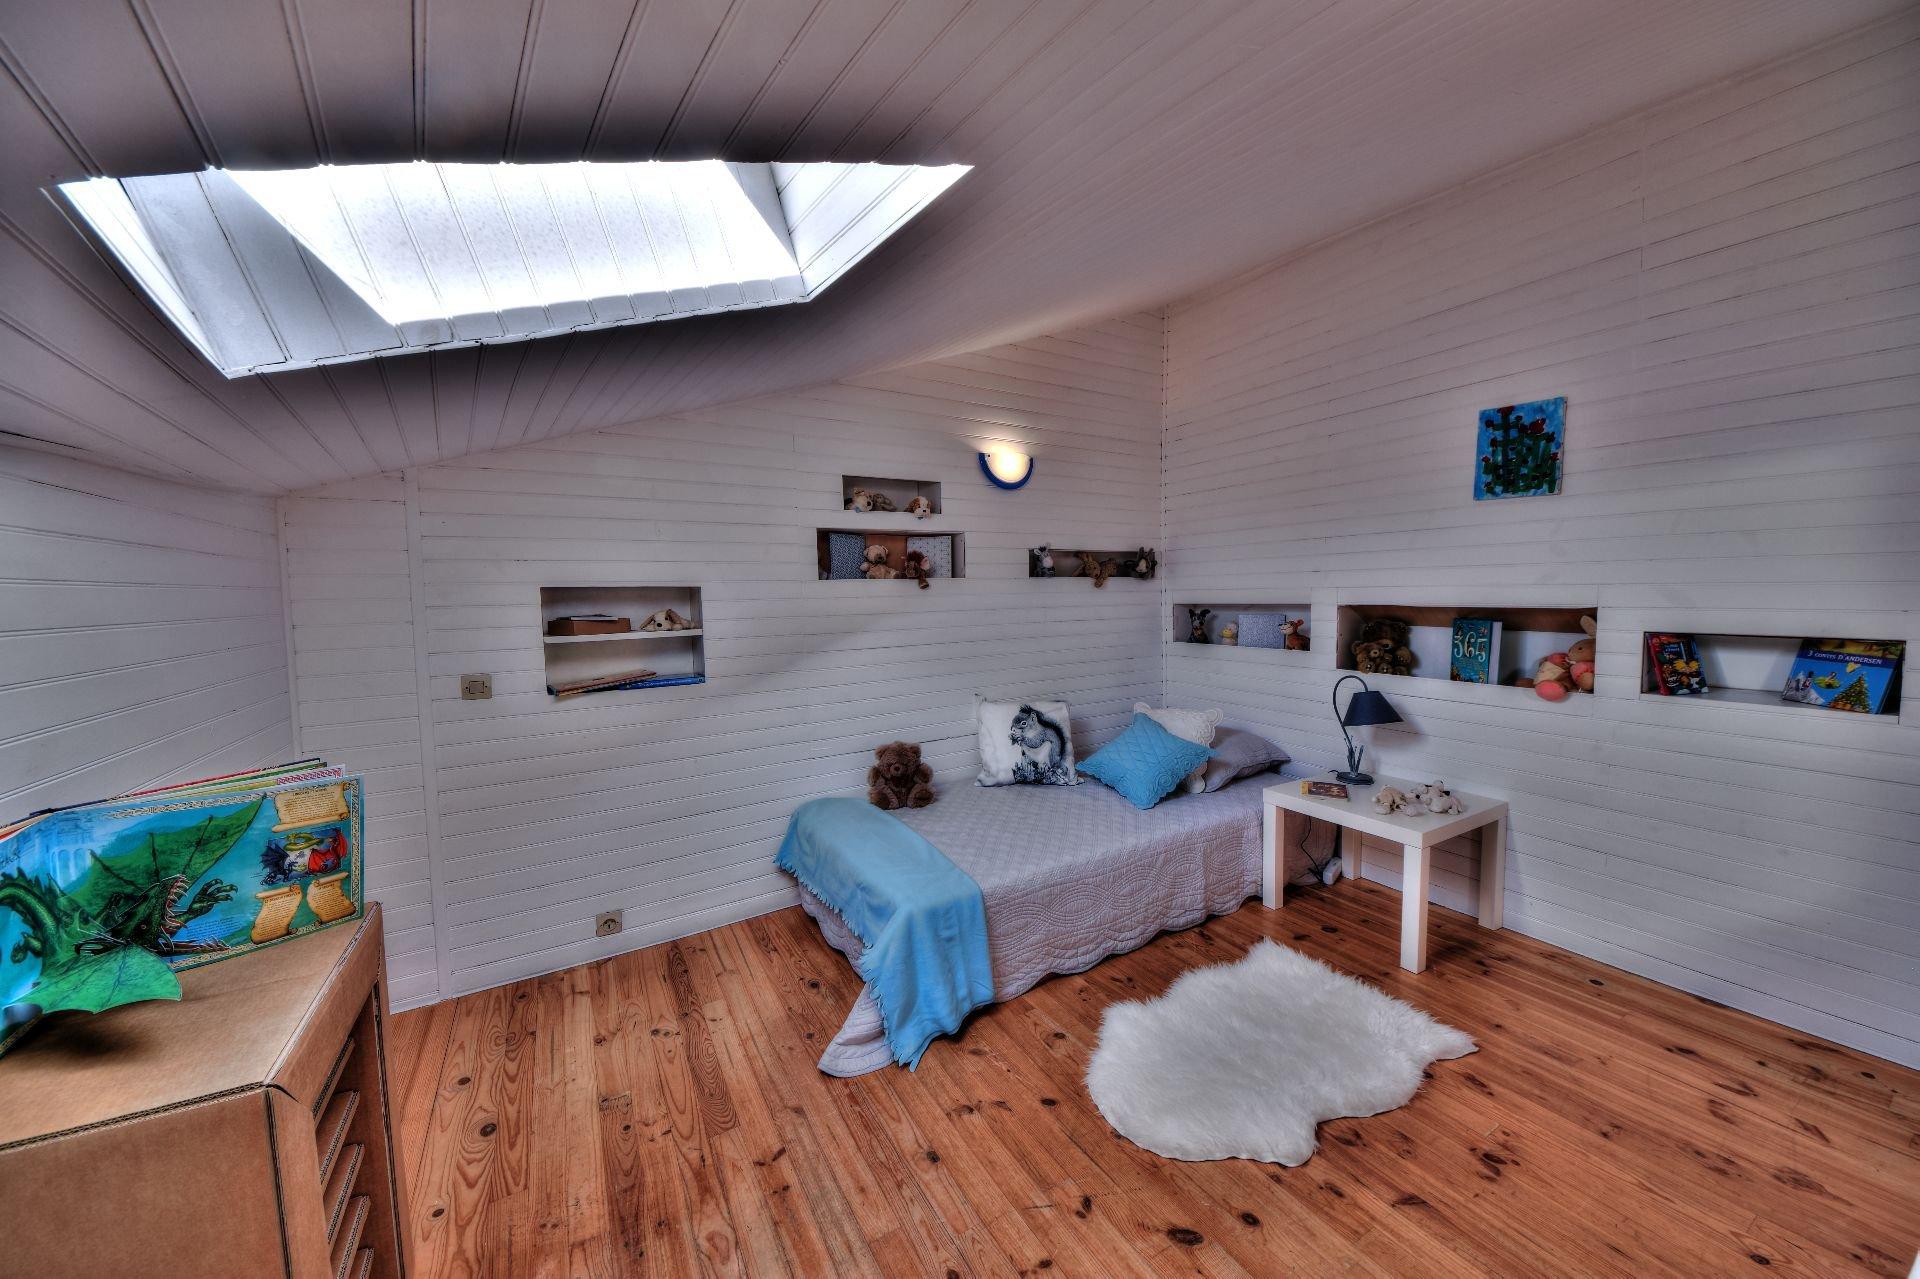 Chambre 3 de la maison de village 3 chambres, Var, Provence, Verdon